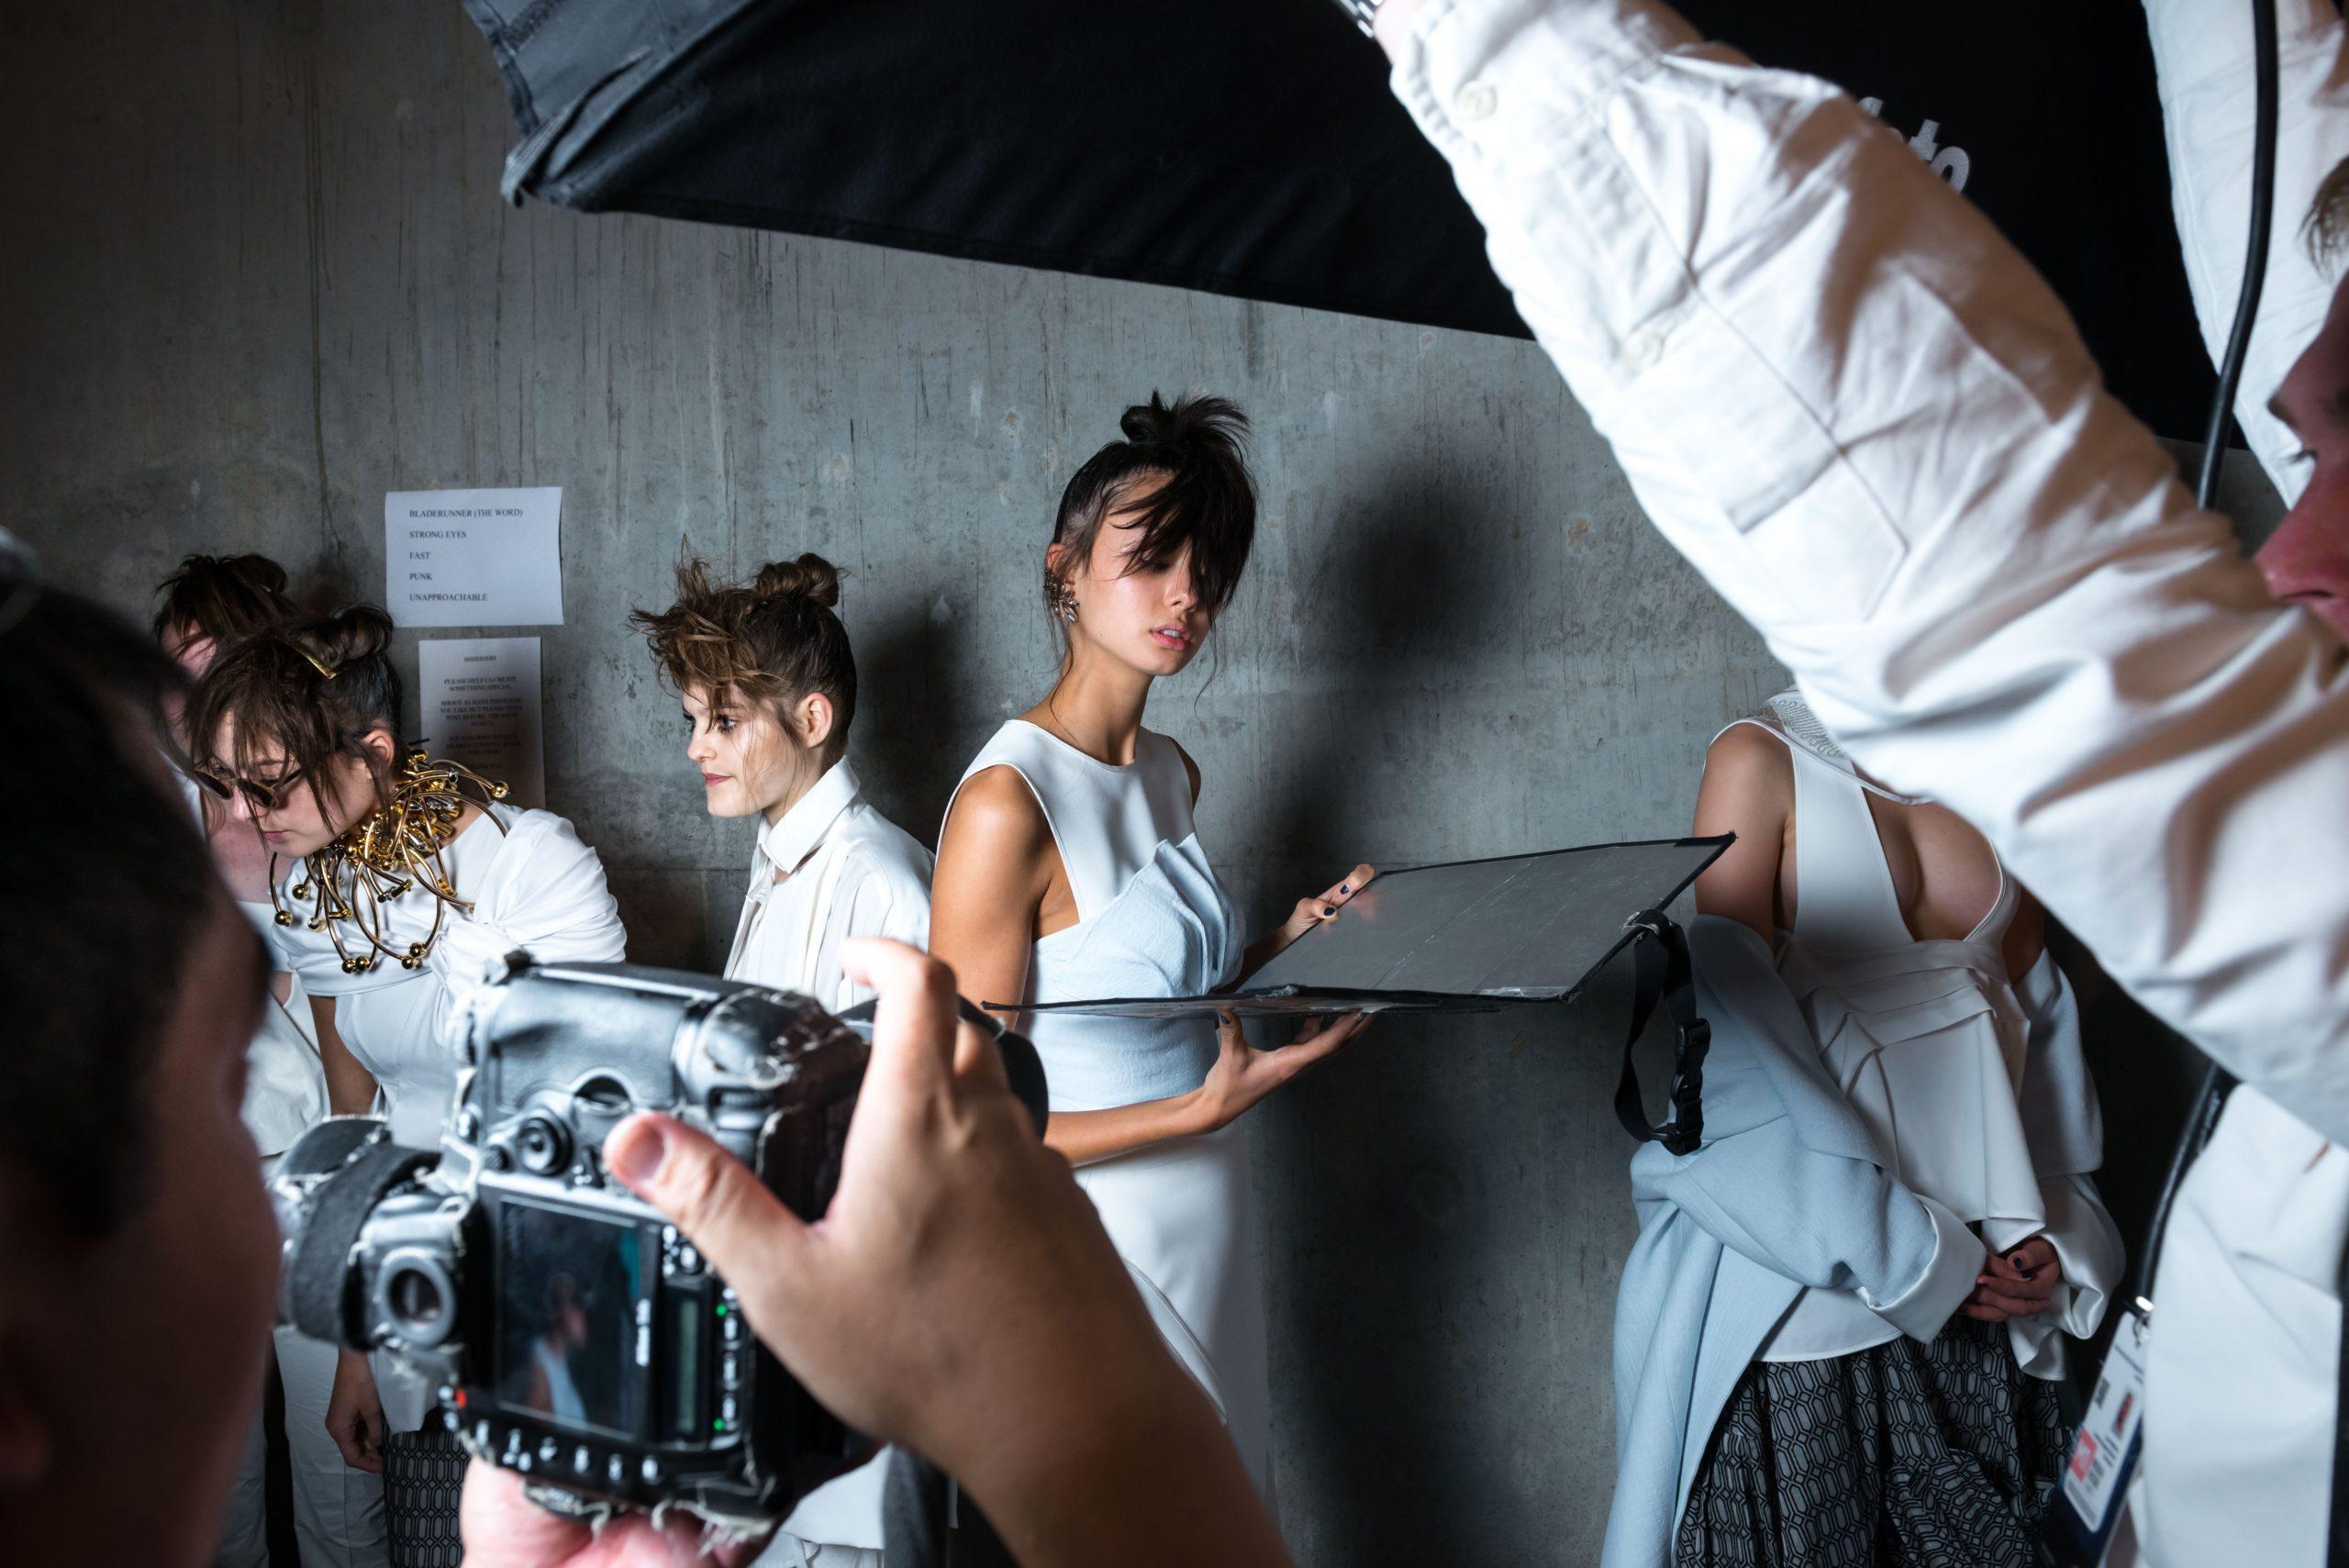 La moda vuelve a Nueva York con diseños sostenibles y de ensueño